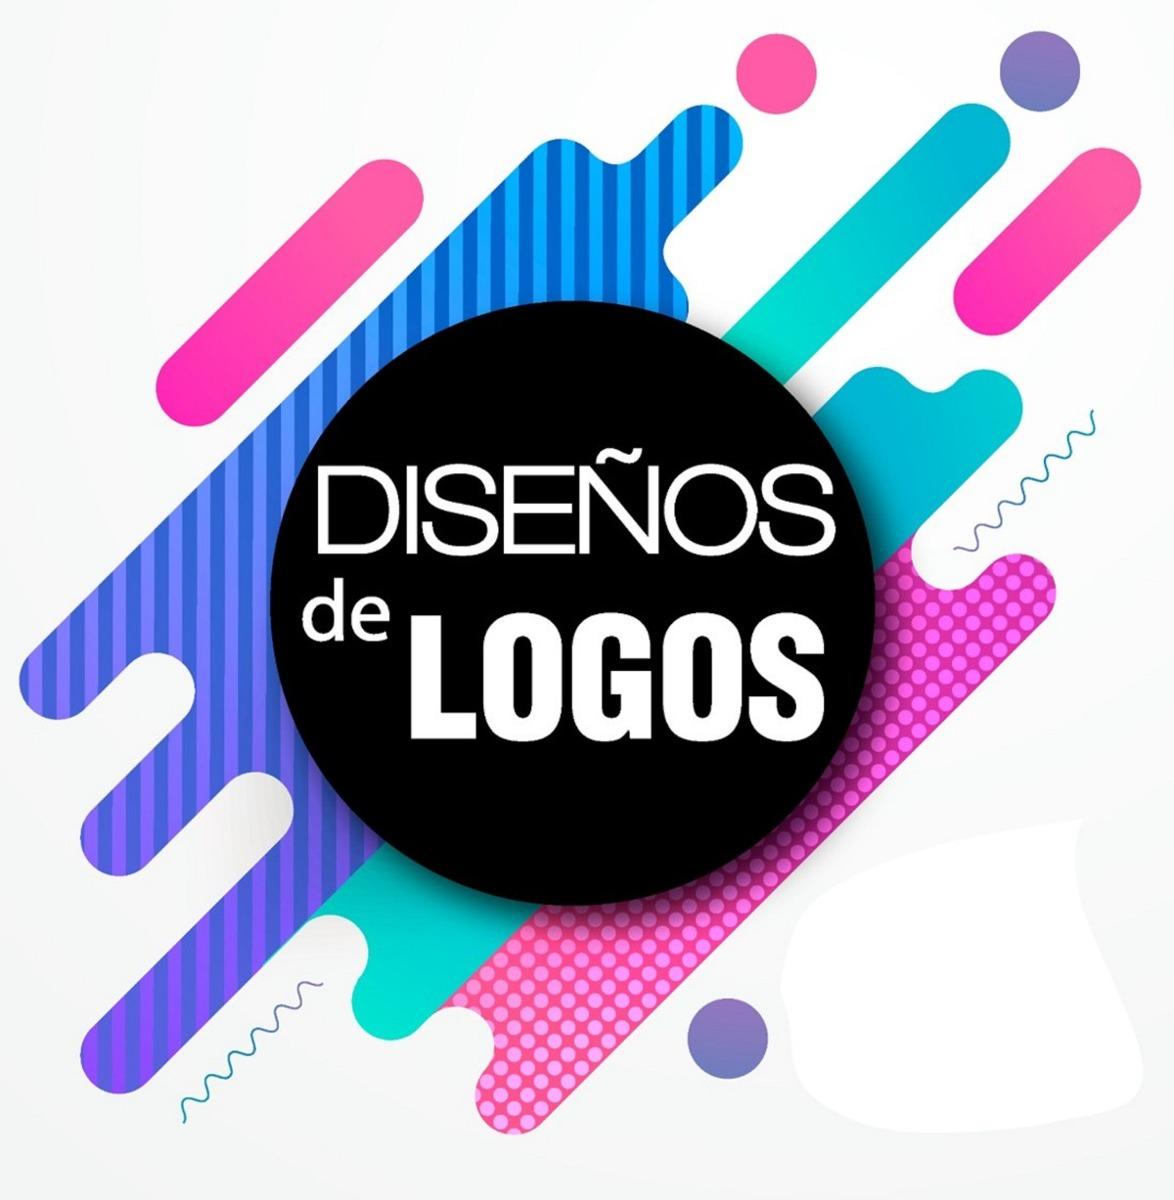 Diseño De Logotipos, Portadas, Plantillas, Tarjetas, Logos - U$S 20 ...